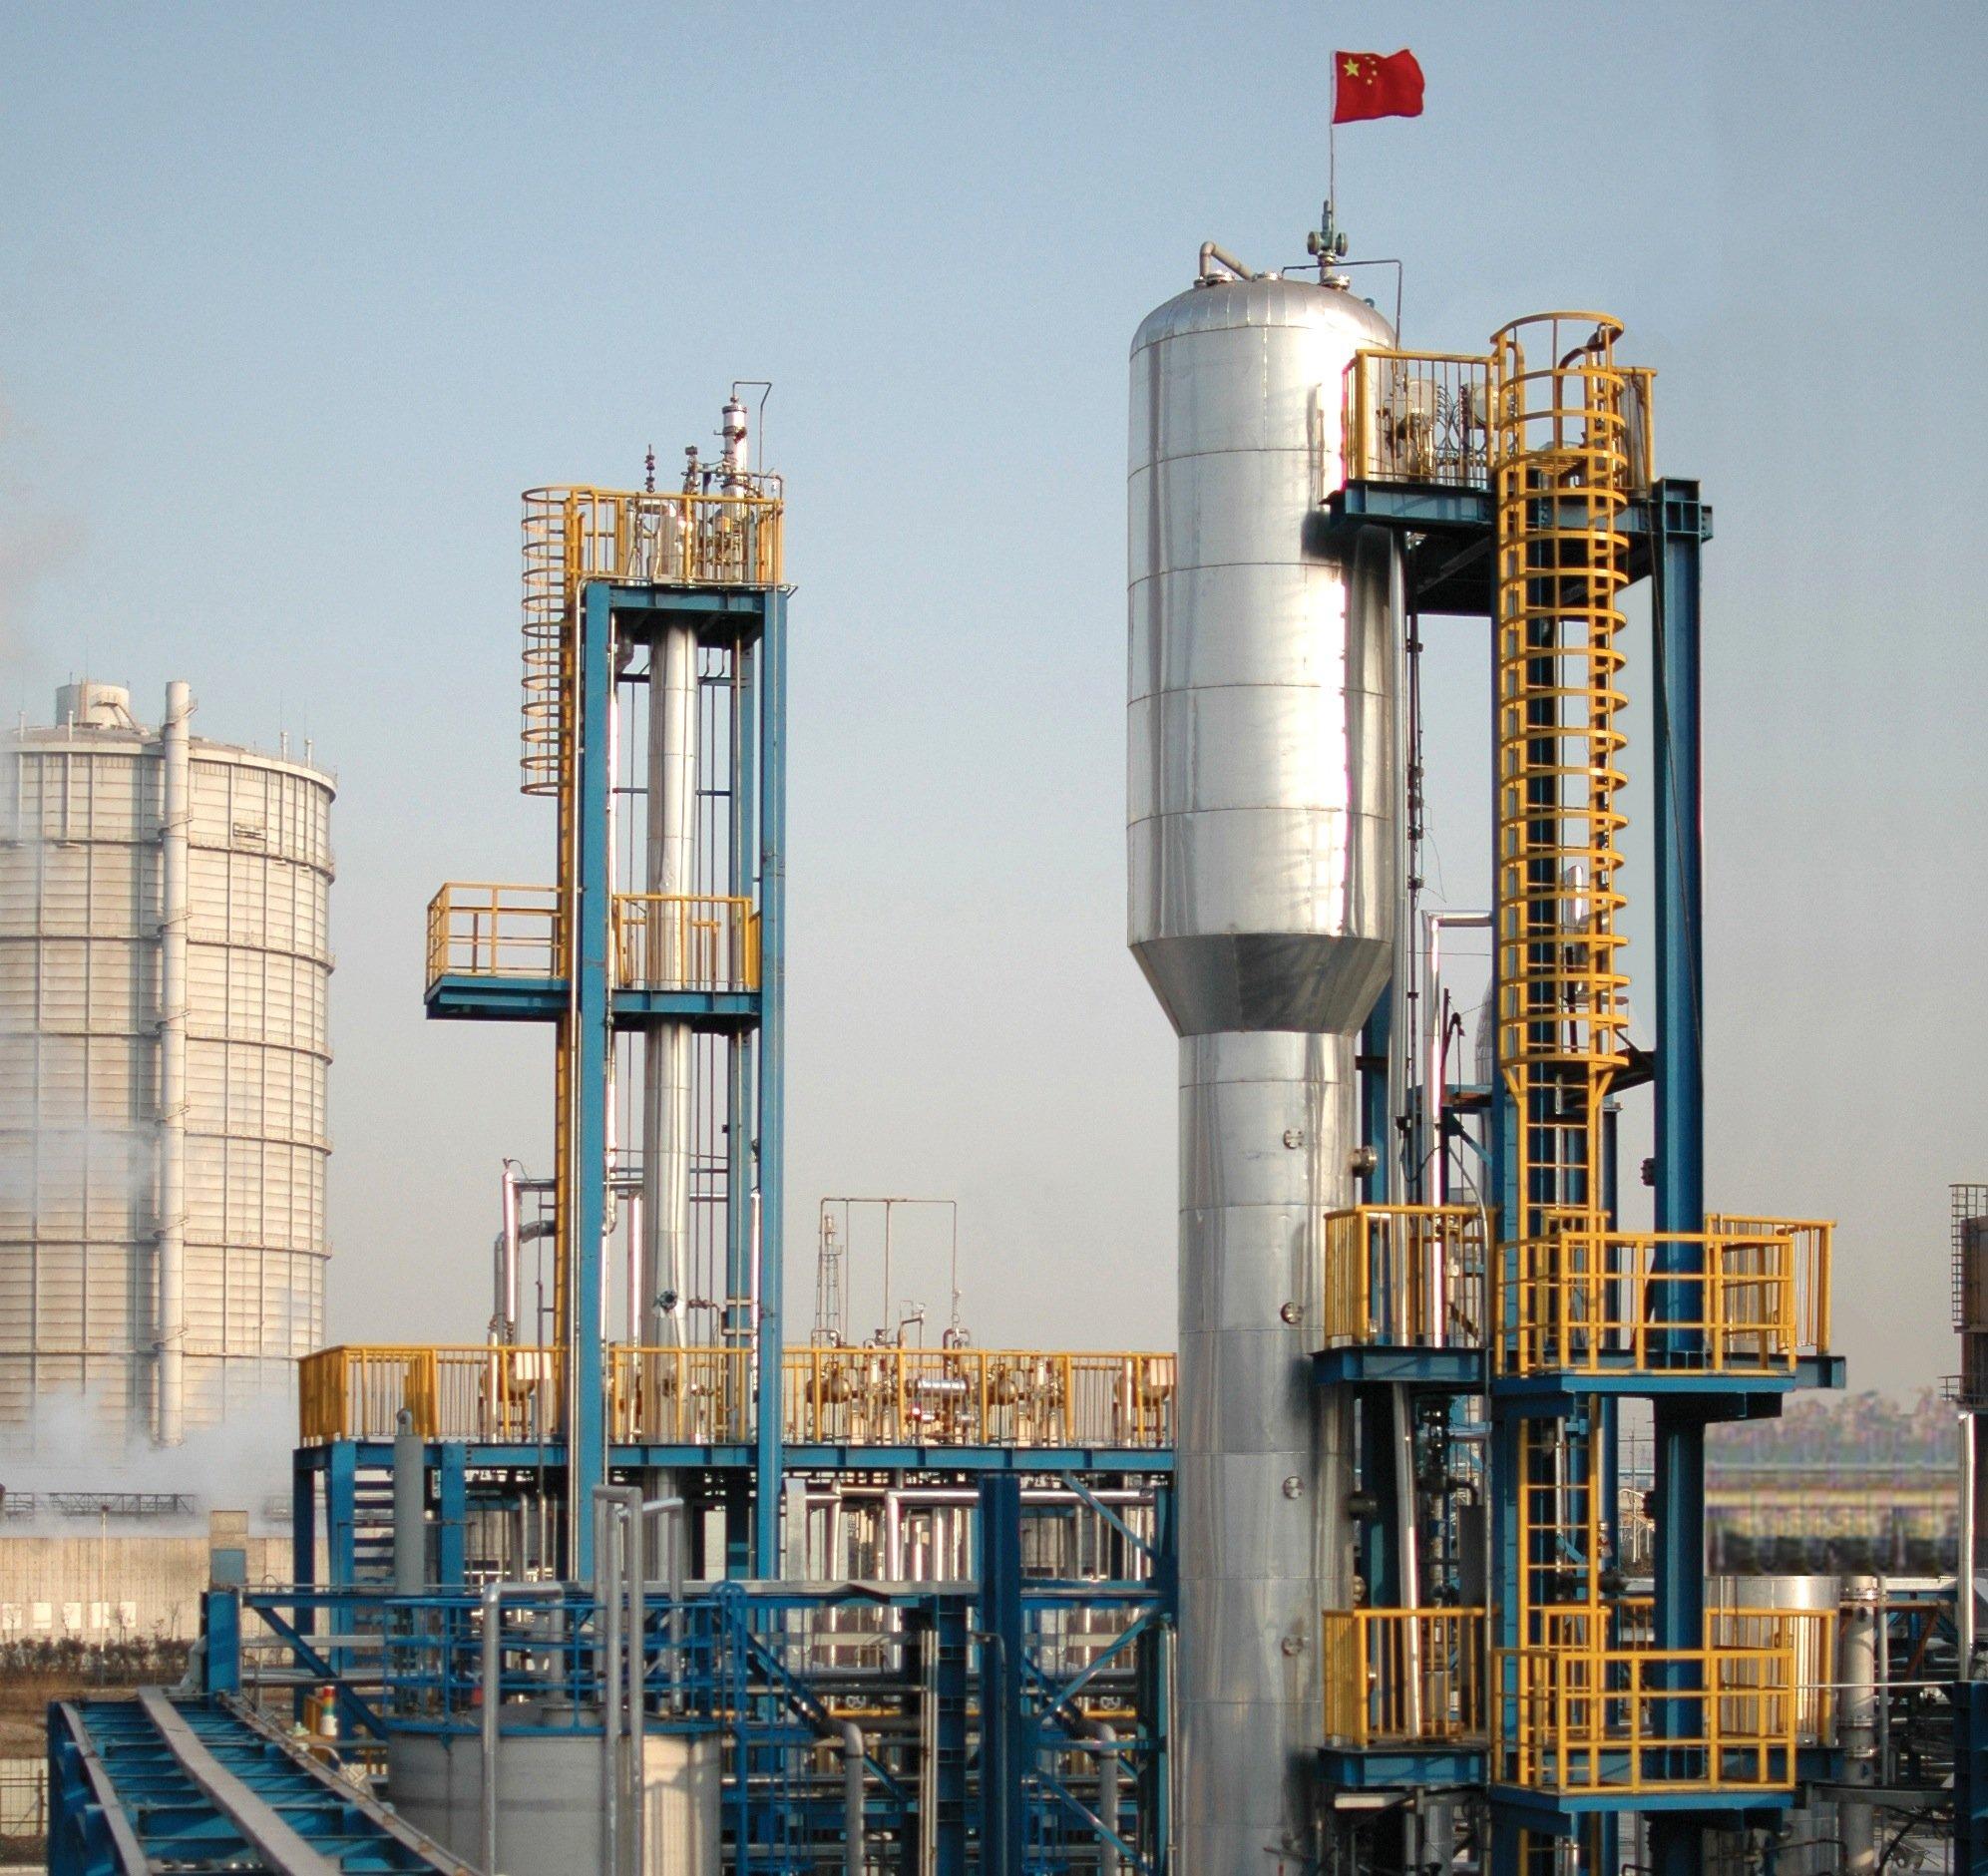 Das mikrobiologische Fermentierungsverfahren von LanzaTech wurde 2012 gemeinsam mit Baosteel in deren Werk in Schanghai erfolgreich eingeführt. Die vorkommerzielle Anlage produziert rund 300 Tonnen Ethanol pro Jahr.